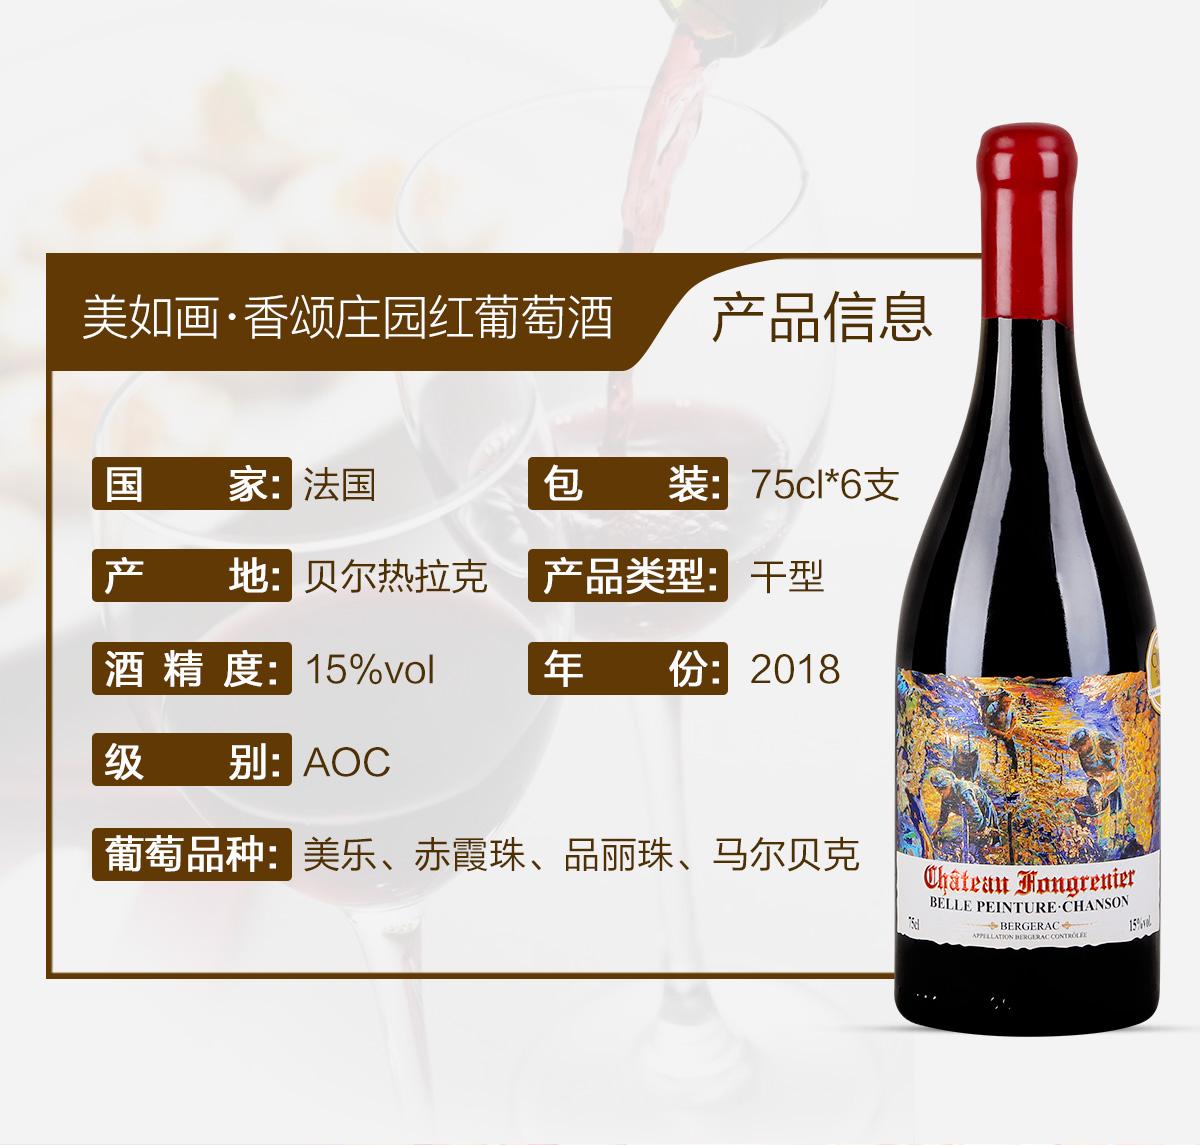 美如画·香颂庄园红葡萄酒